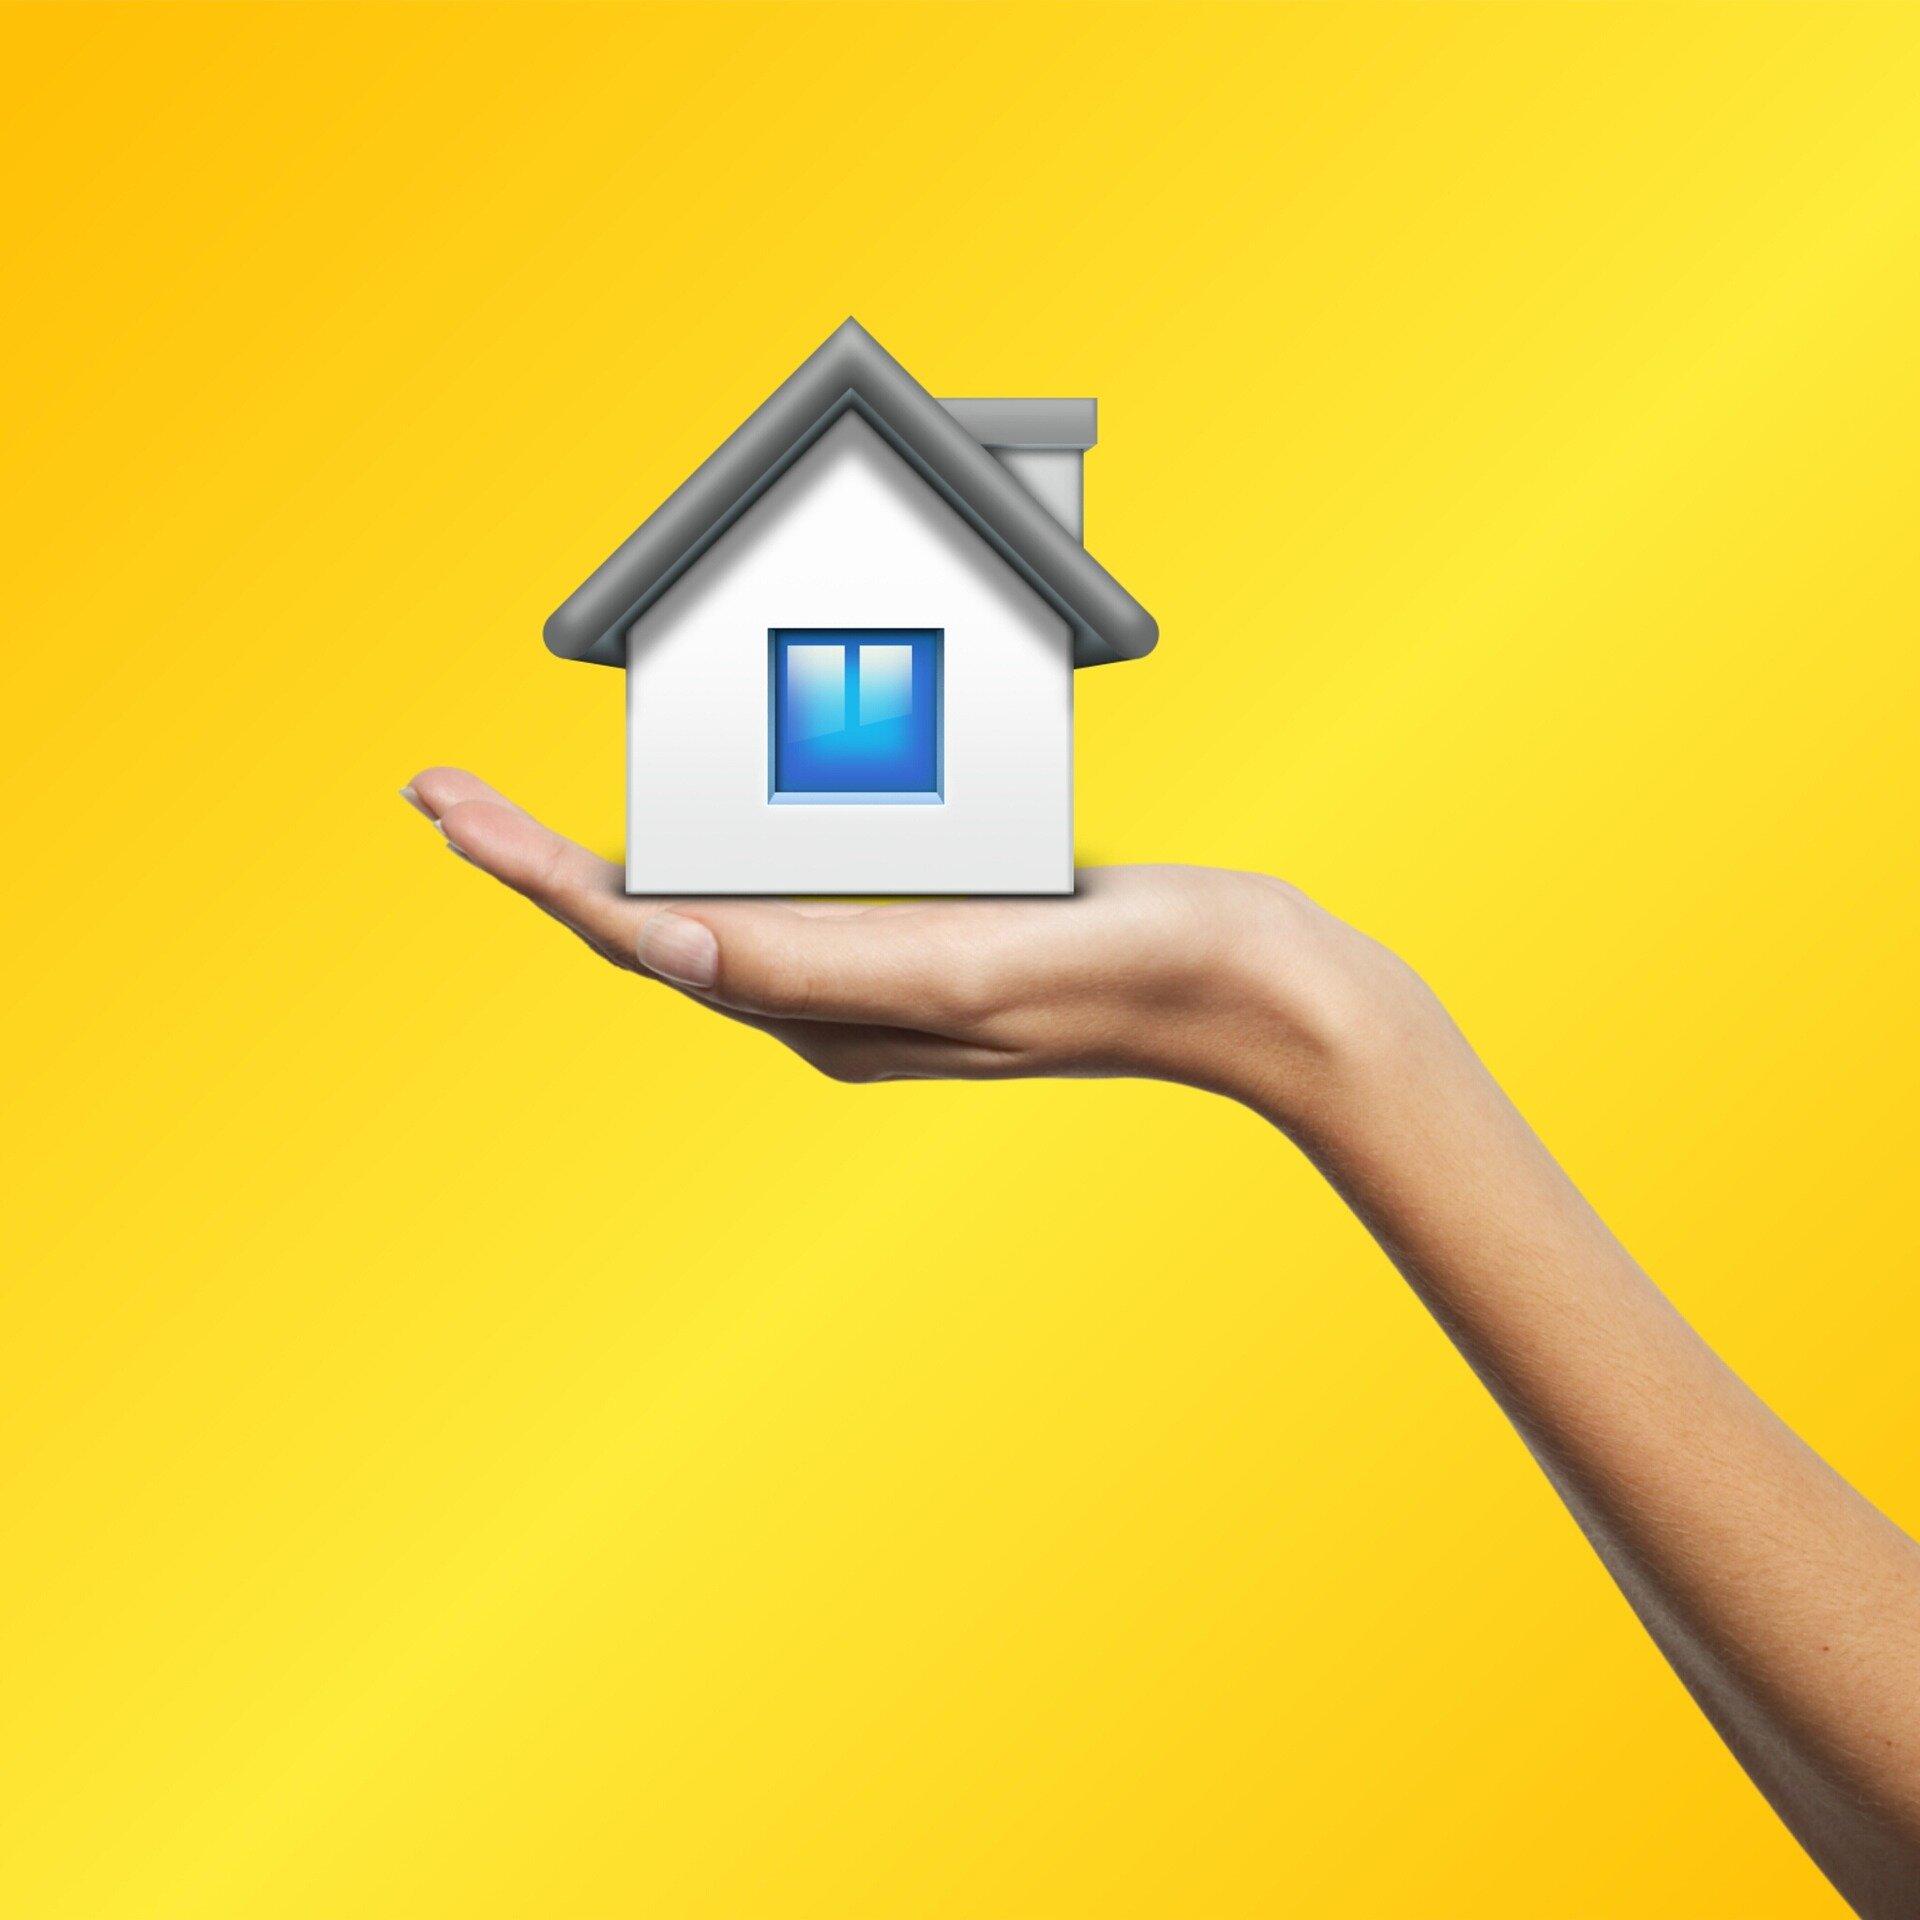 Изображение - Документы бти что это real-estate-2989820_1920